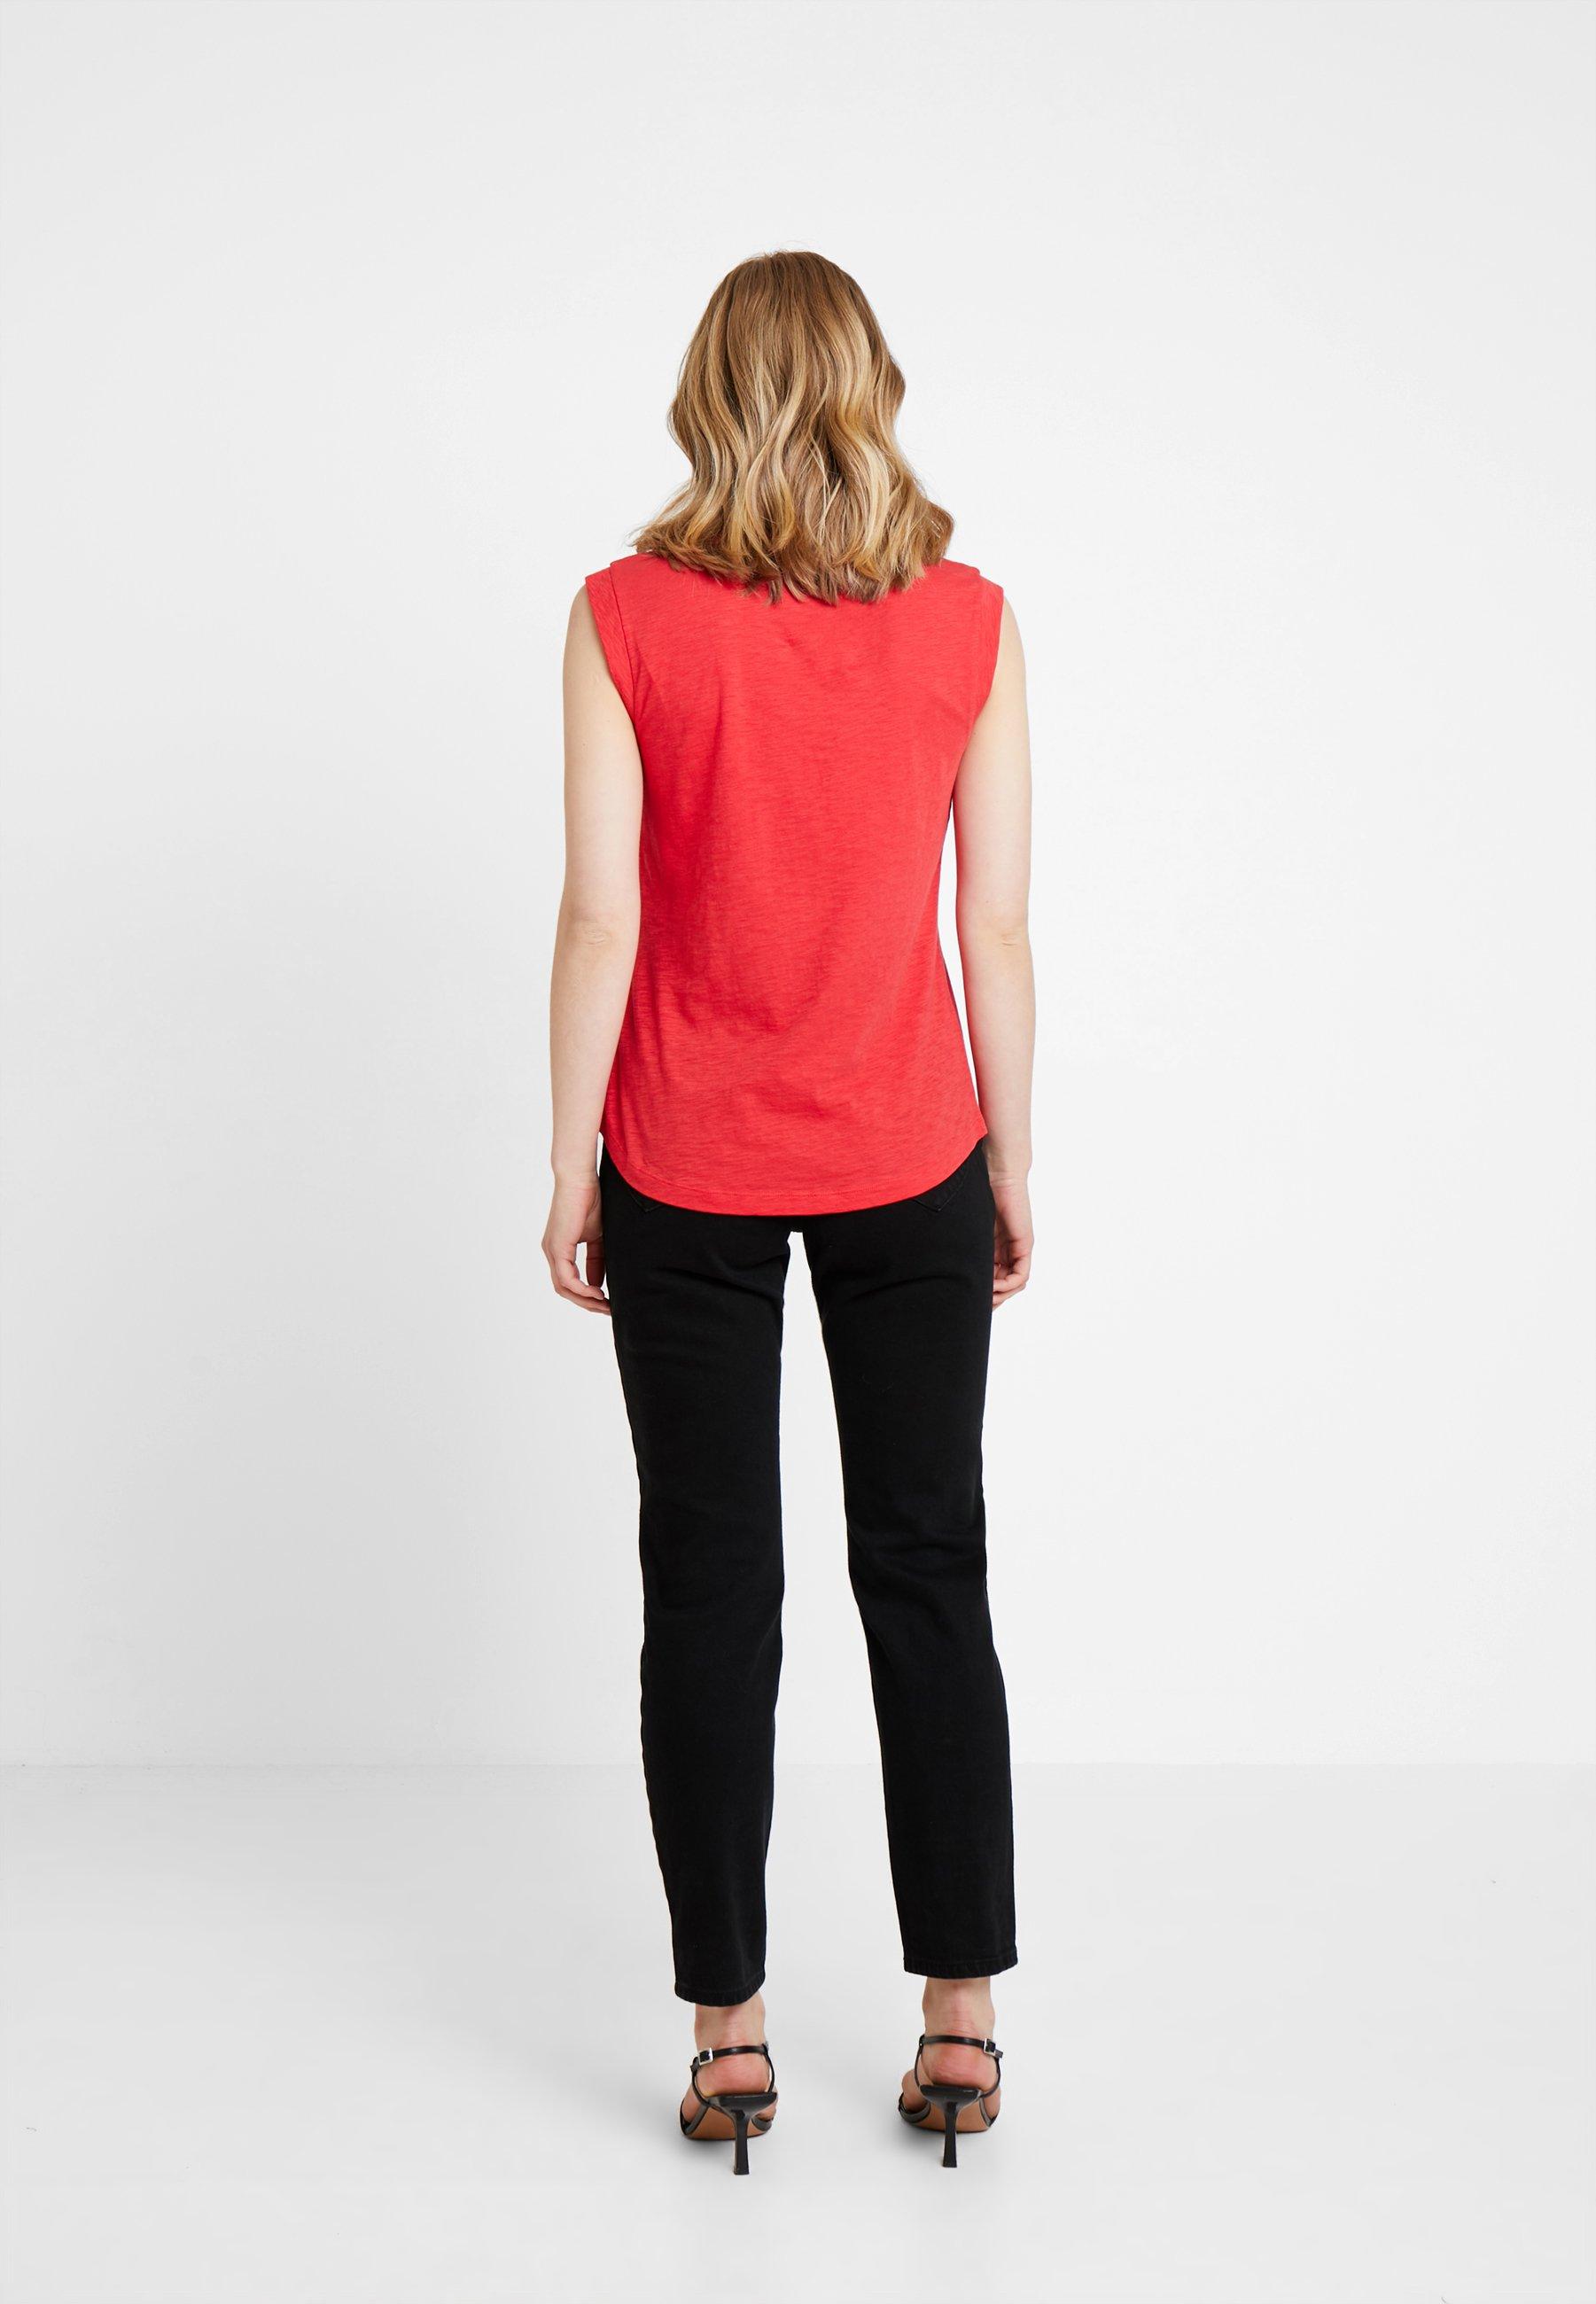 Marc O'polo Basique Red Round NeckT shirt 8NO0wPXknZ